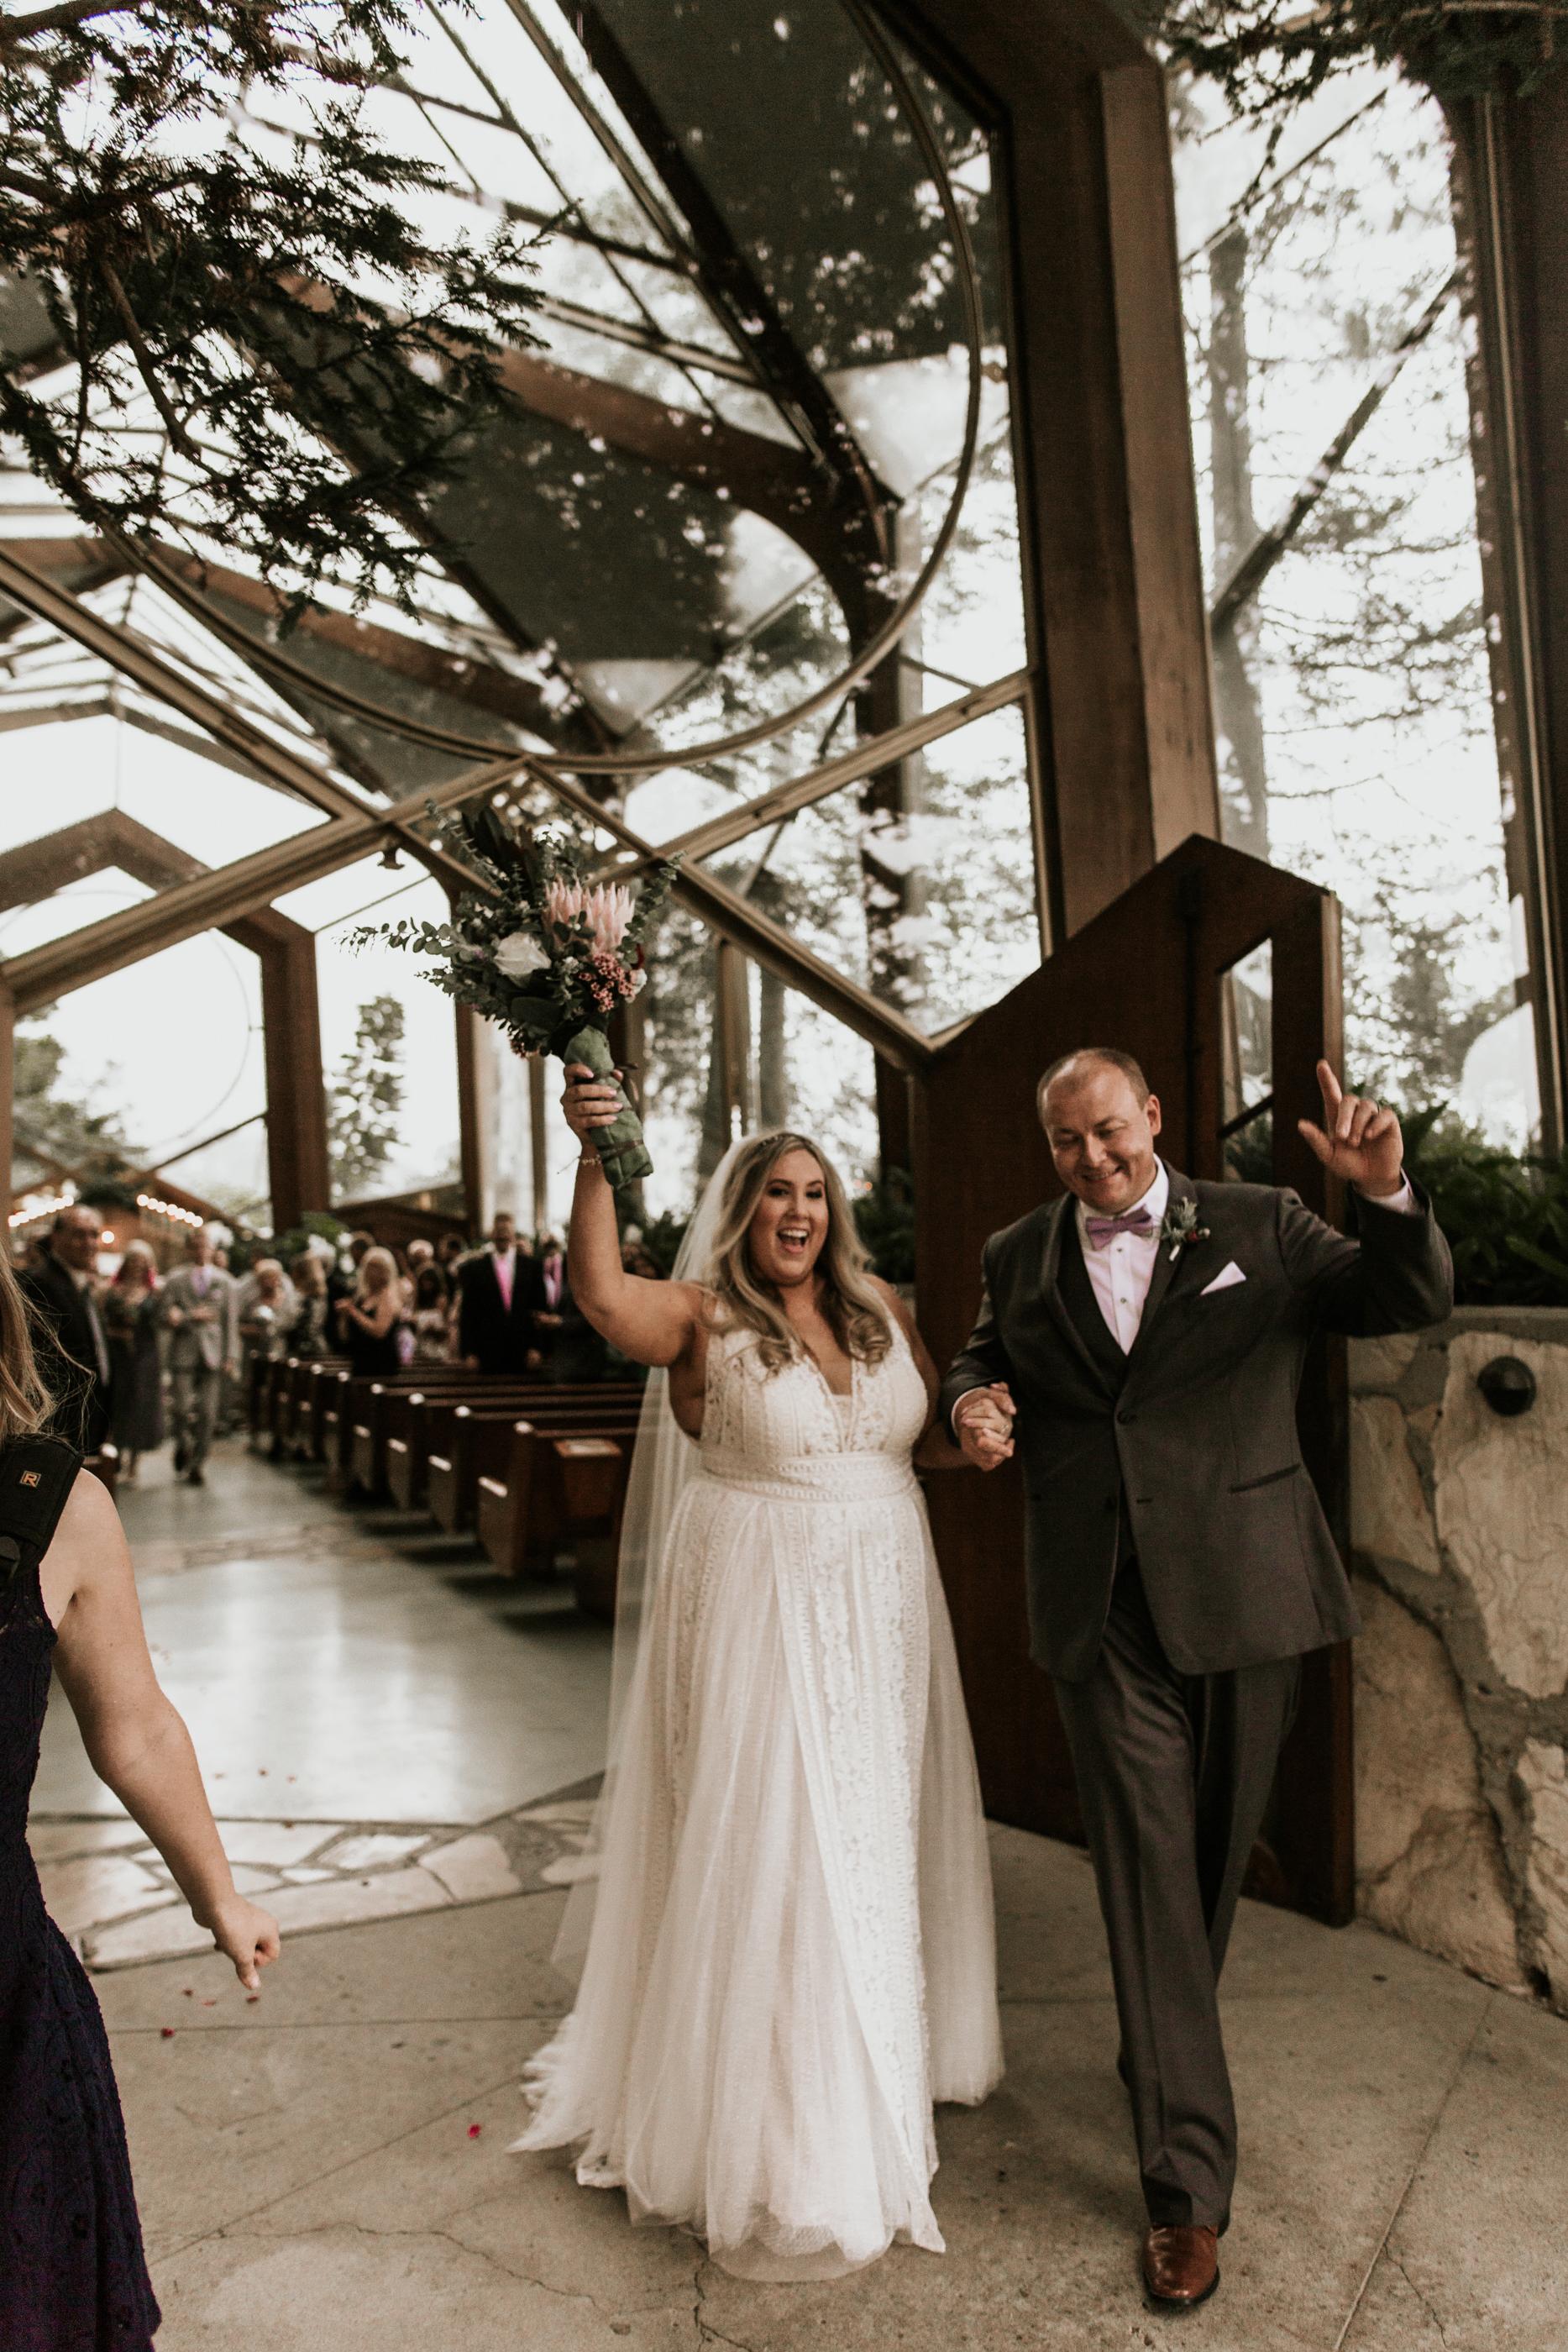 Copy of Wayfarer's Chapel Wedding by Little Boat Photography